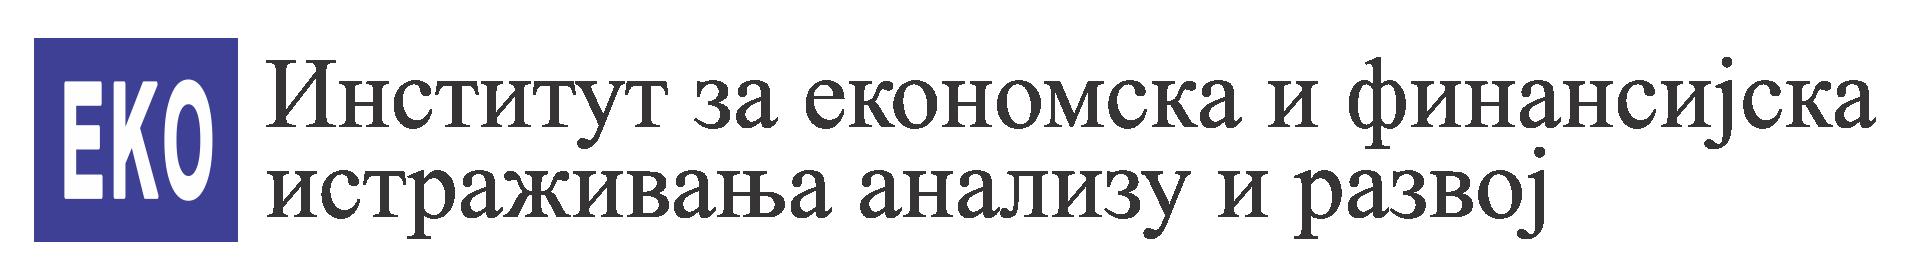 Институт за економска и финансијска истраживања, анализу и развој